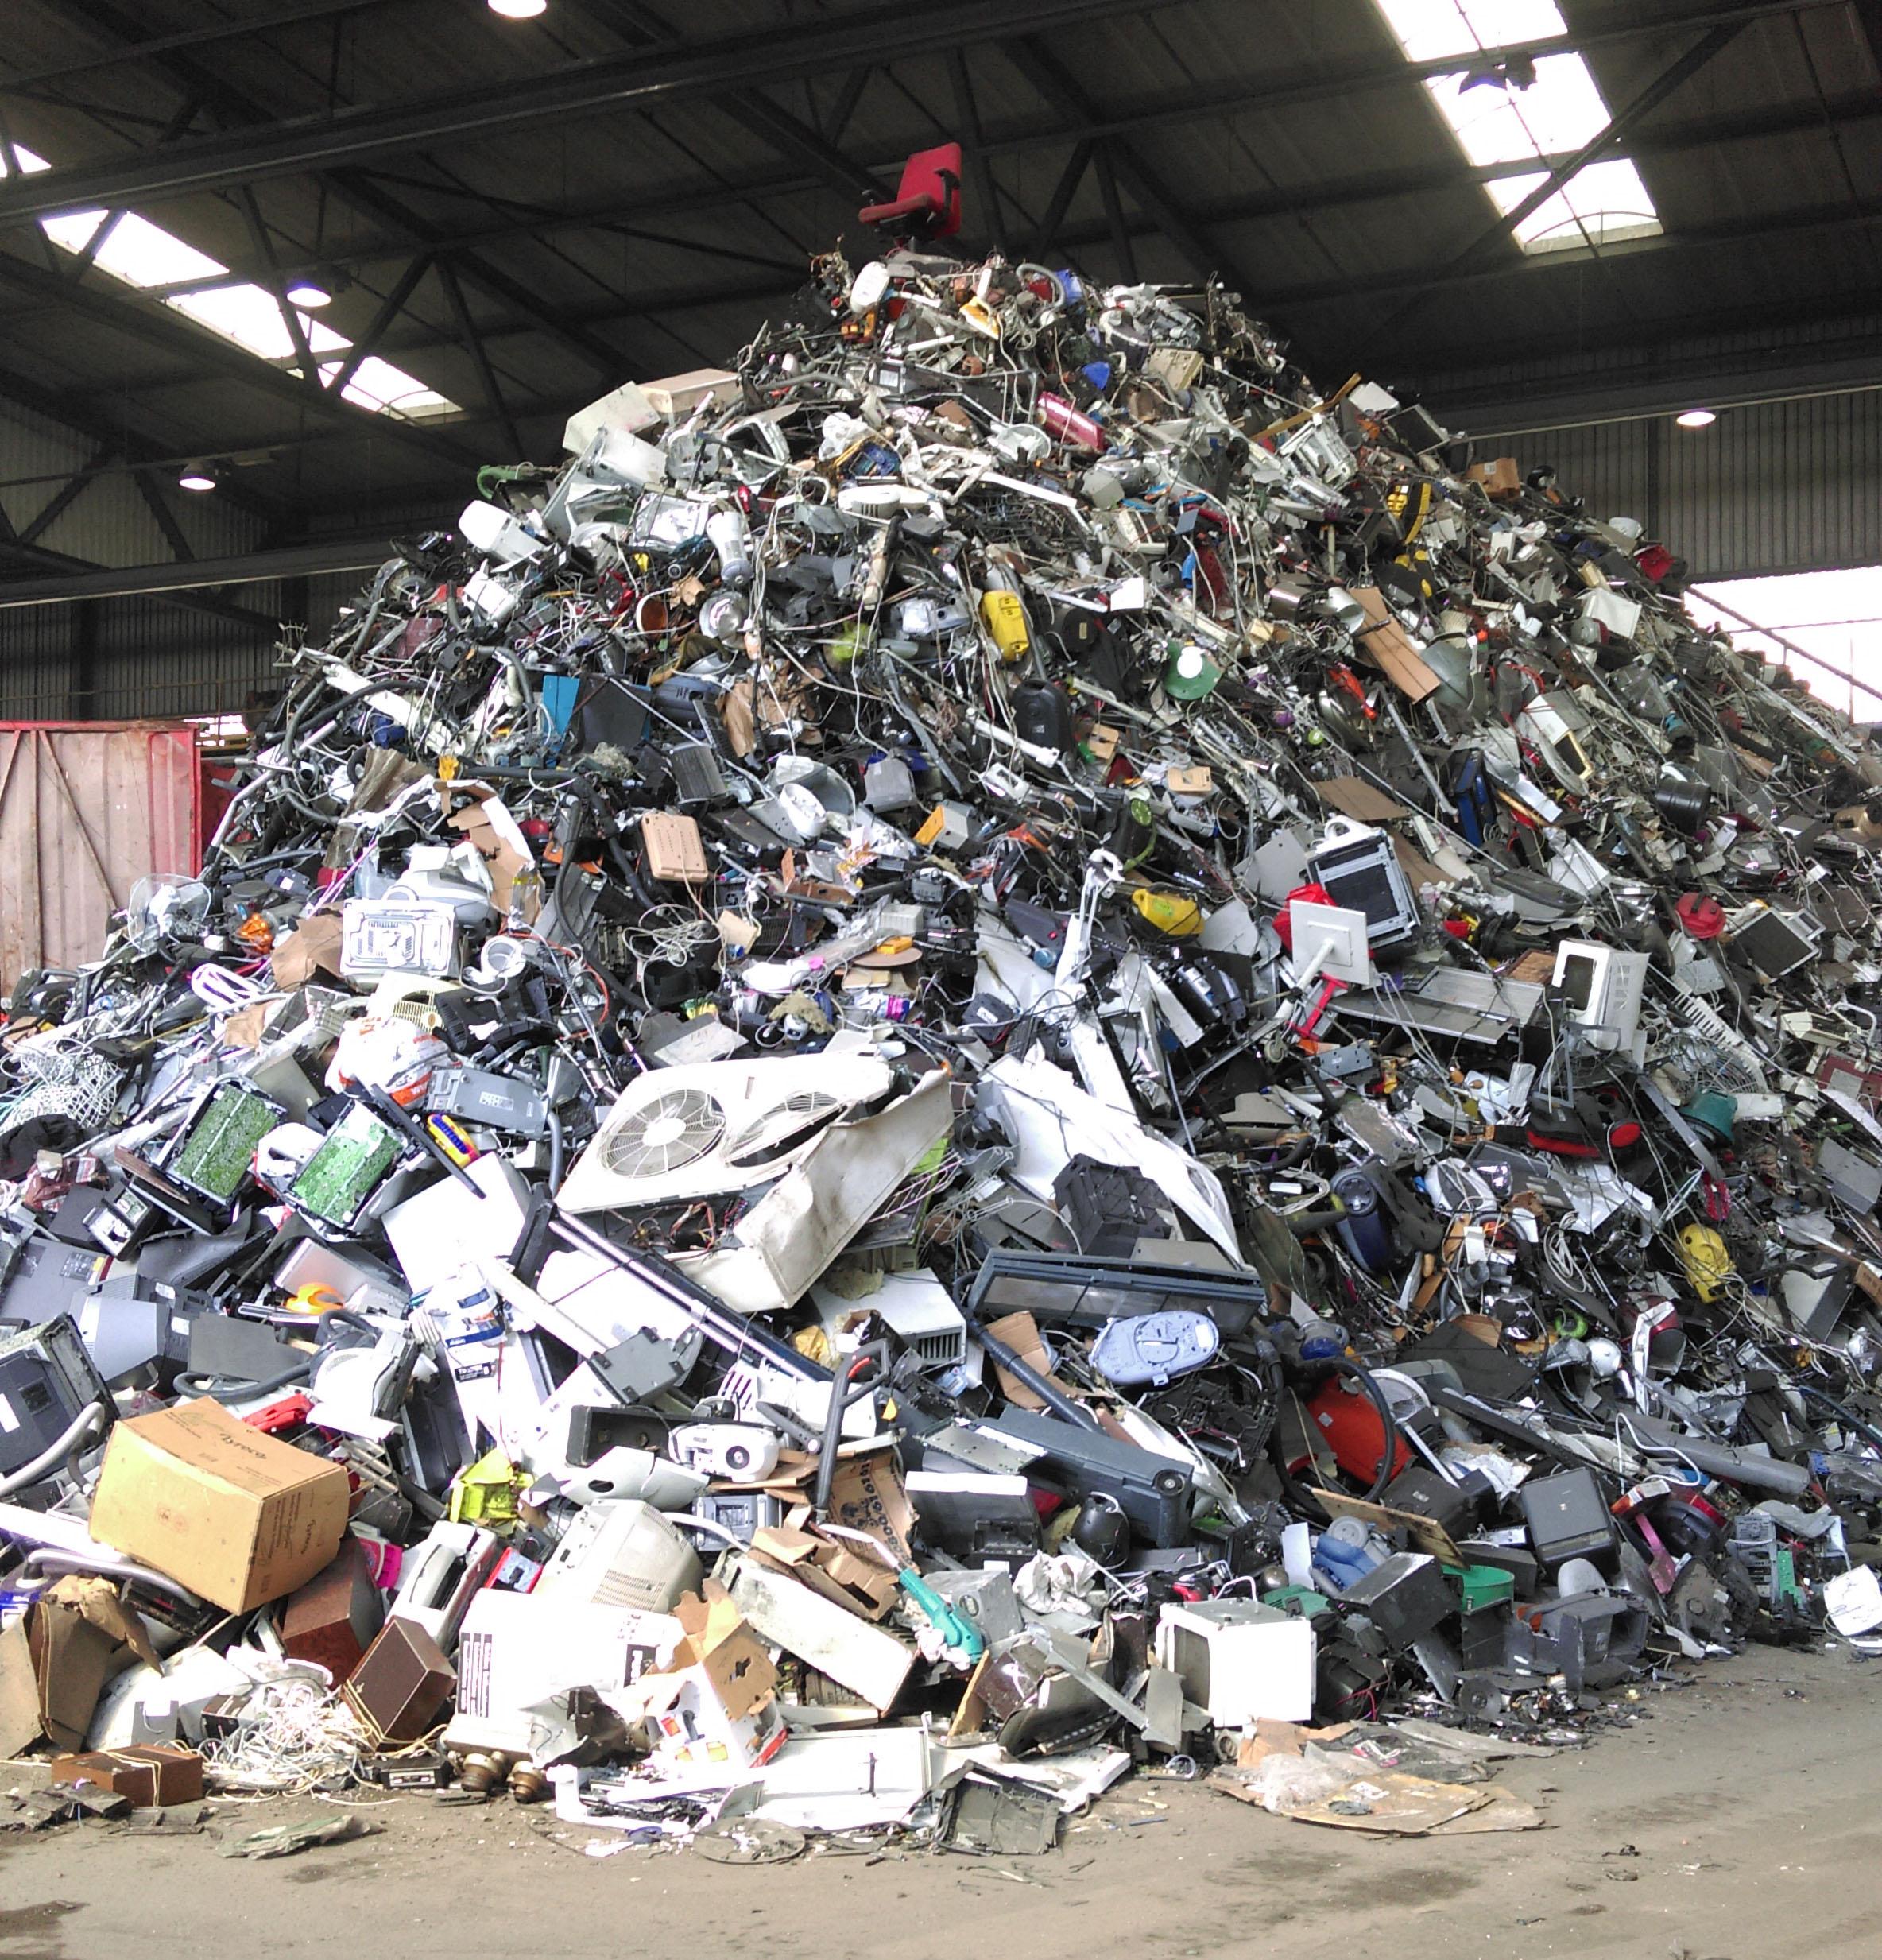 16 kg de déchets électroniques par tête recyclés…et c'est normal?!